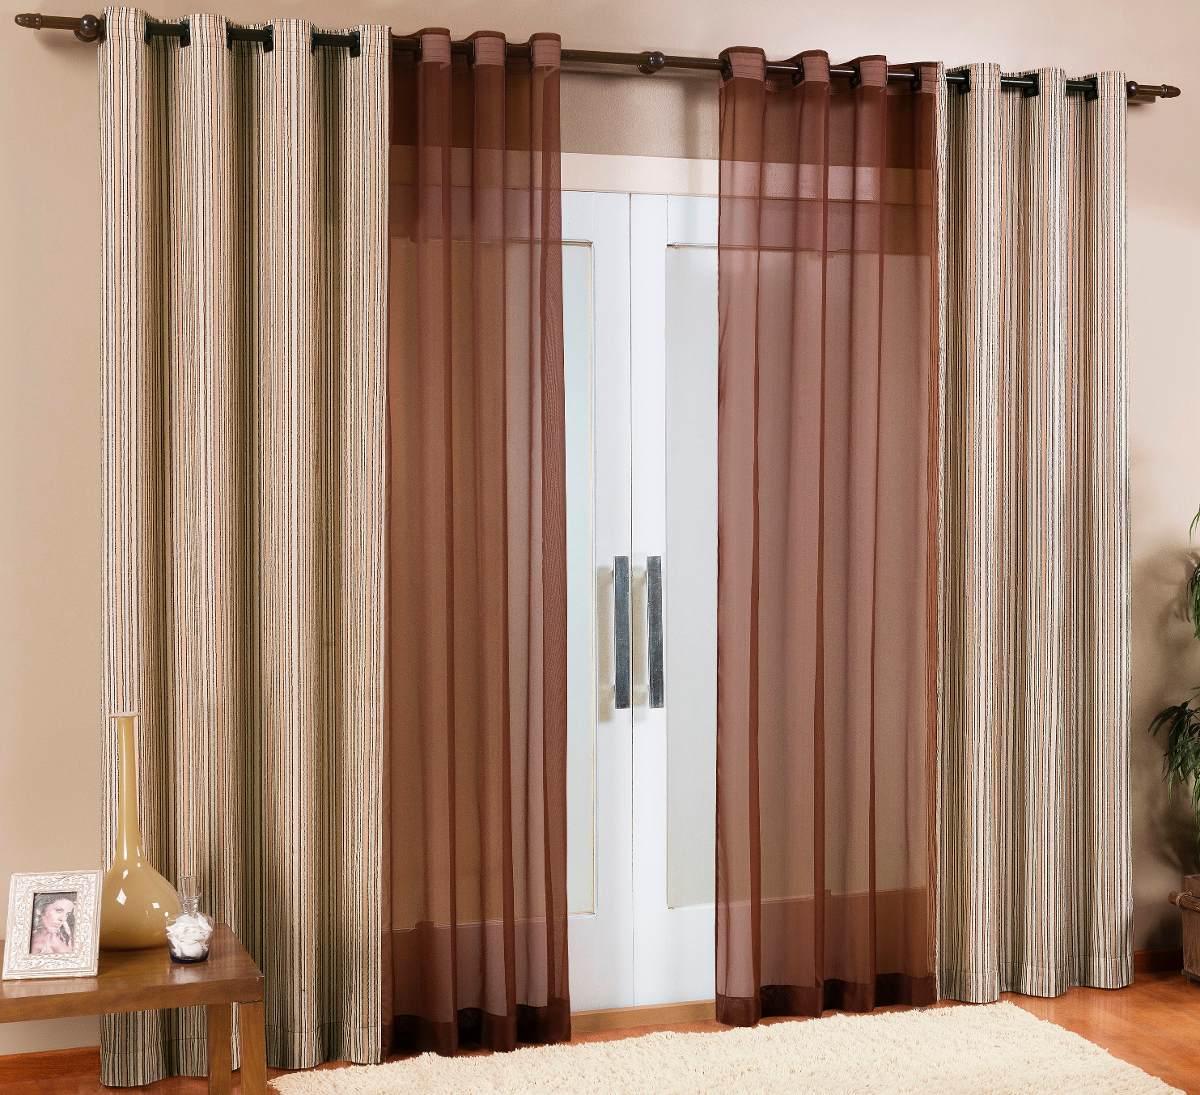 Cortinas sala varao tecido rustico 3 00 x 2 80 tecido e for Catalogo de cortinas para sala